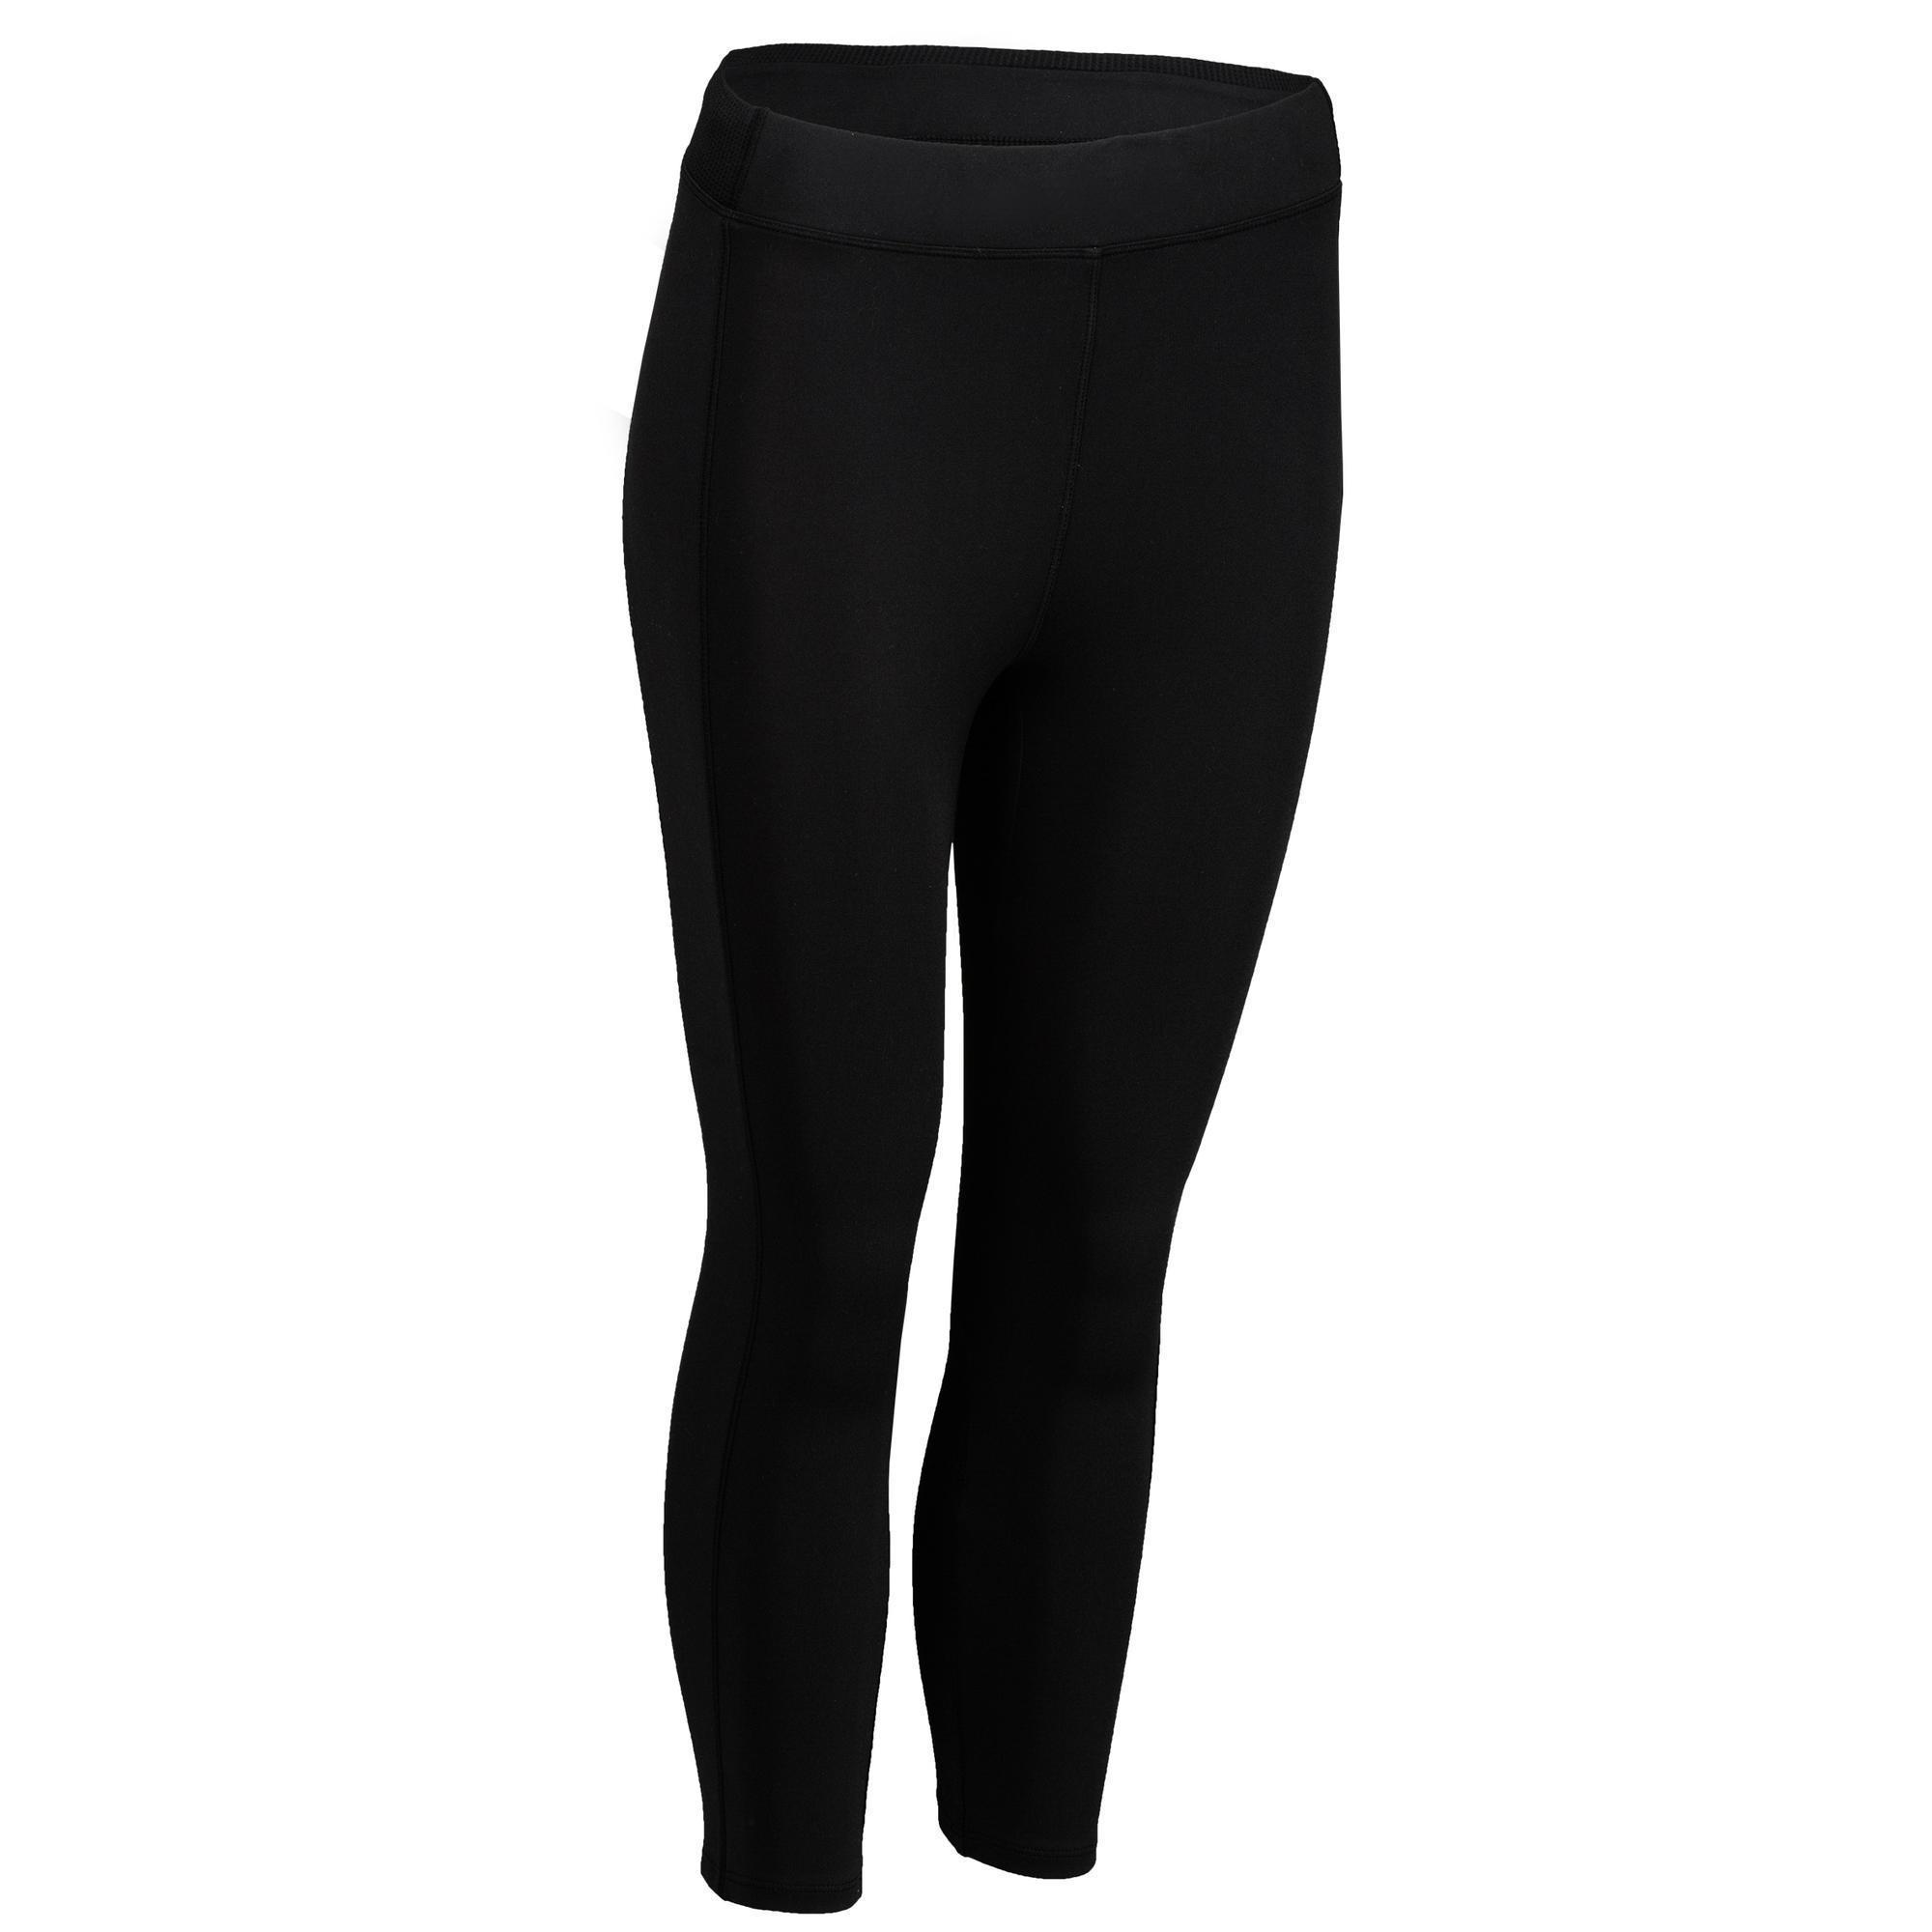 Domyos Fitness legging 120 voor dames 7/8